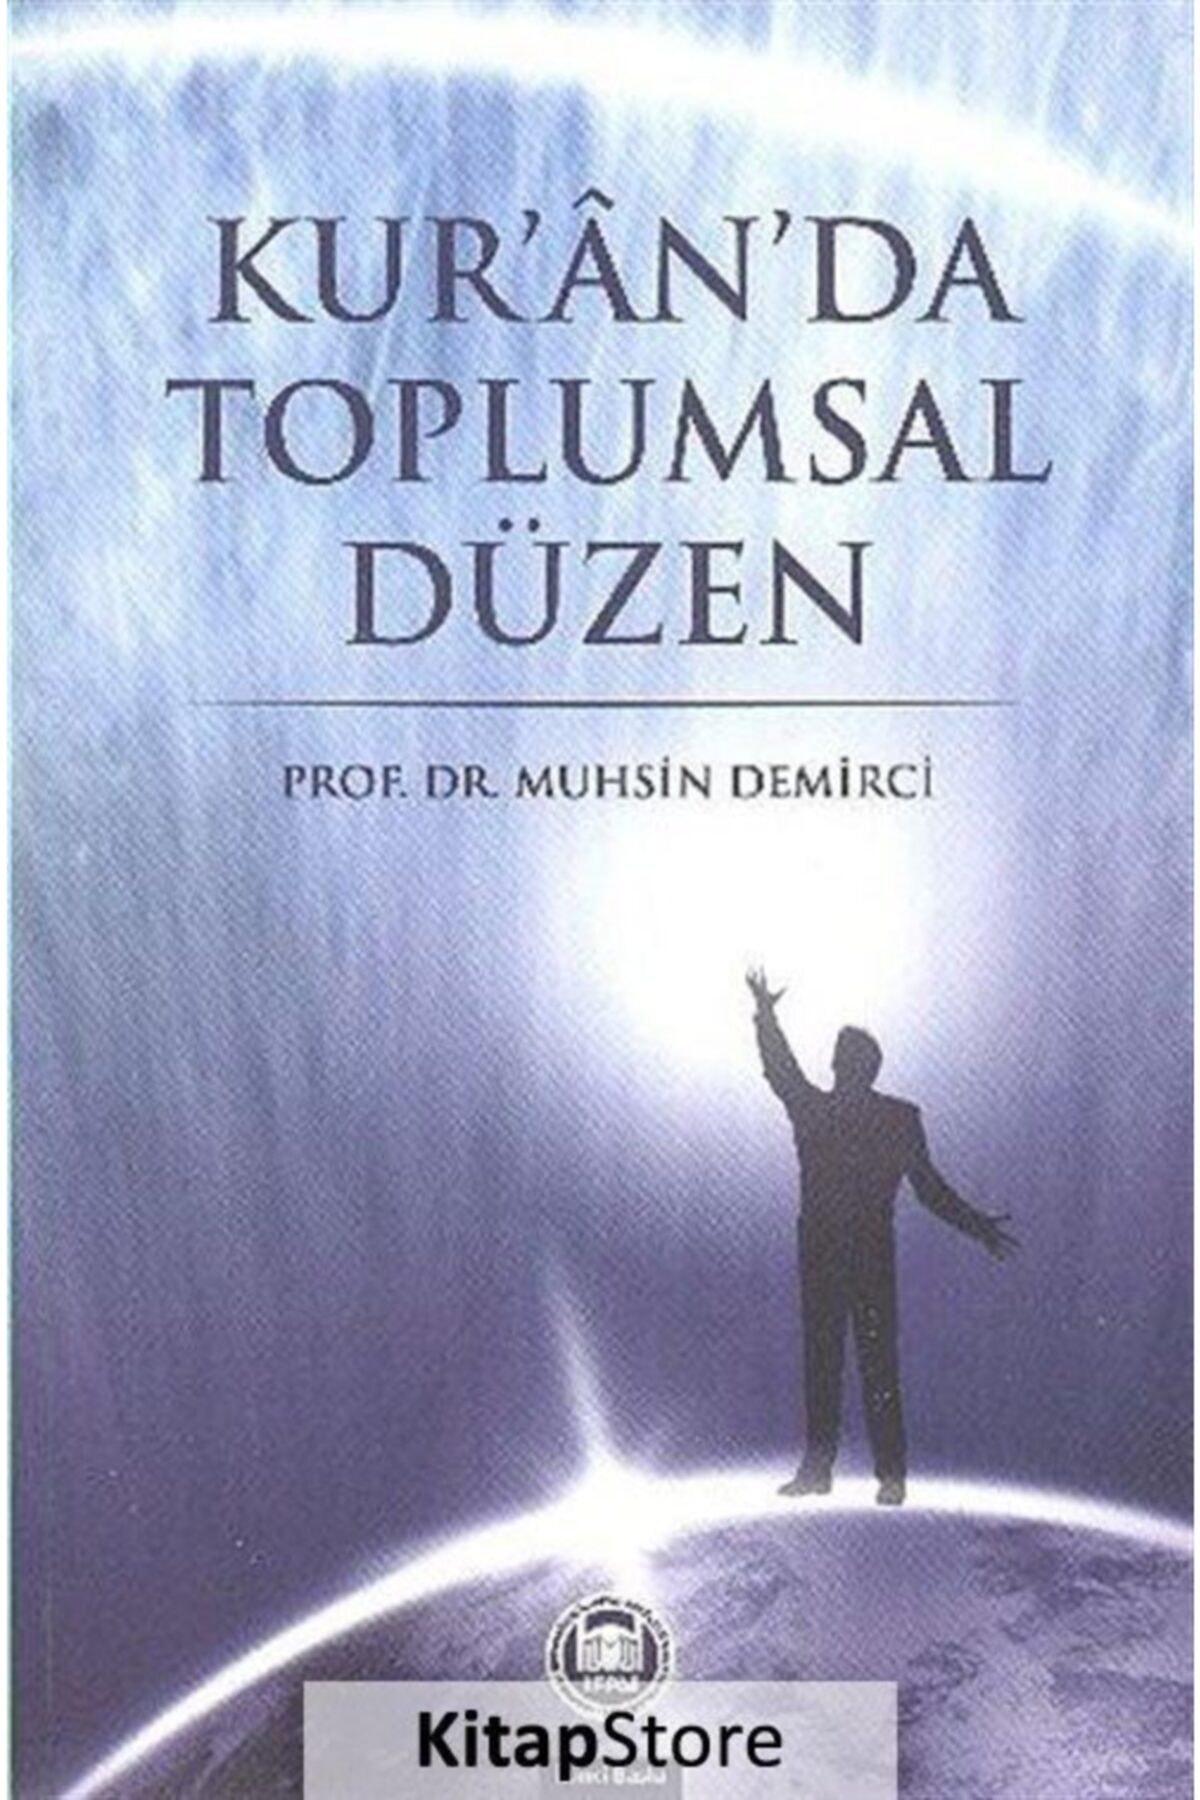 M.Ü. İLAHİYAT FAKÜLTESİ VAKFI YAYINLARI Kur'an'da Toplumsal Düzen 1